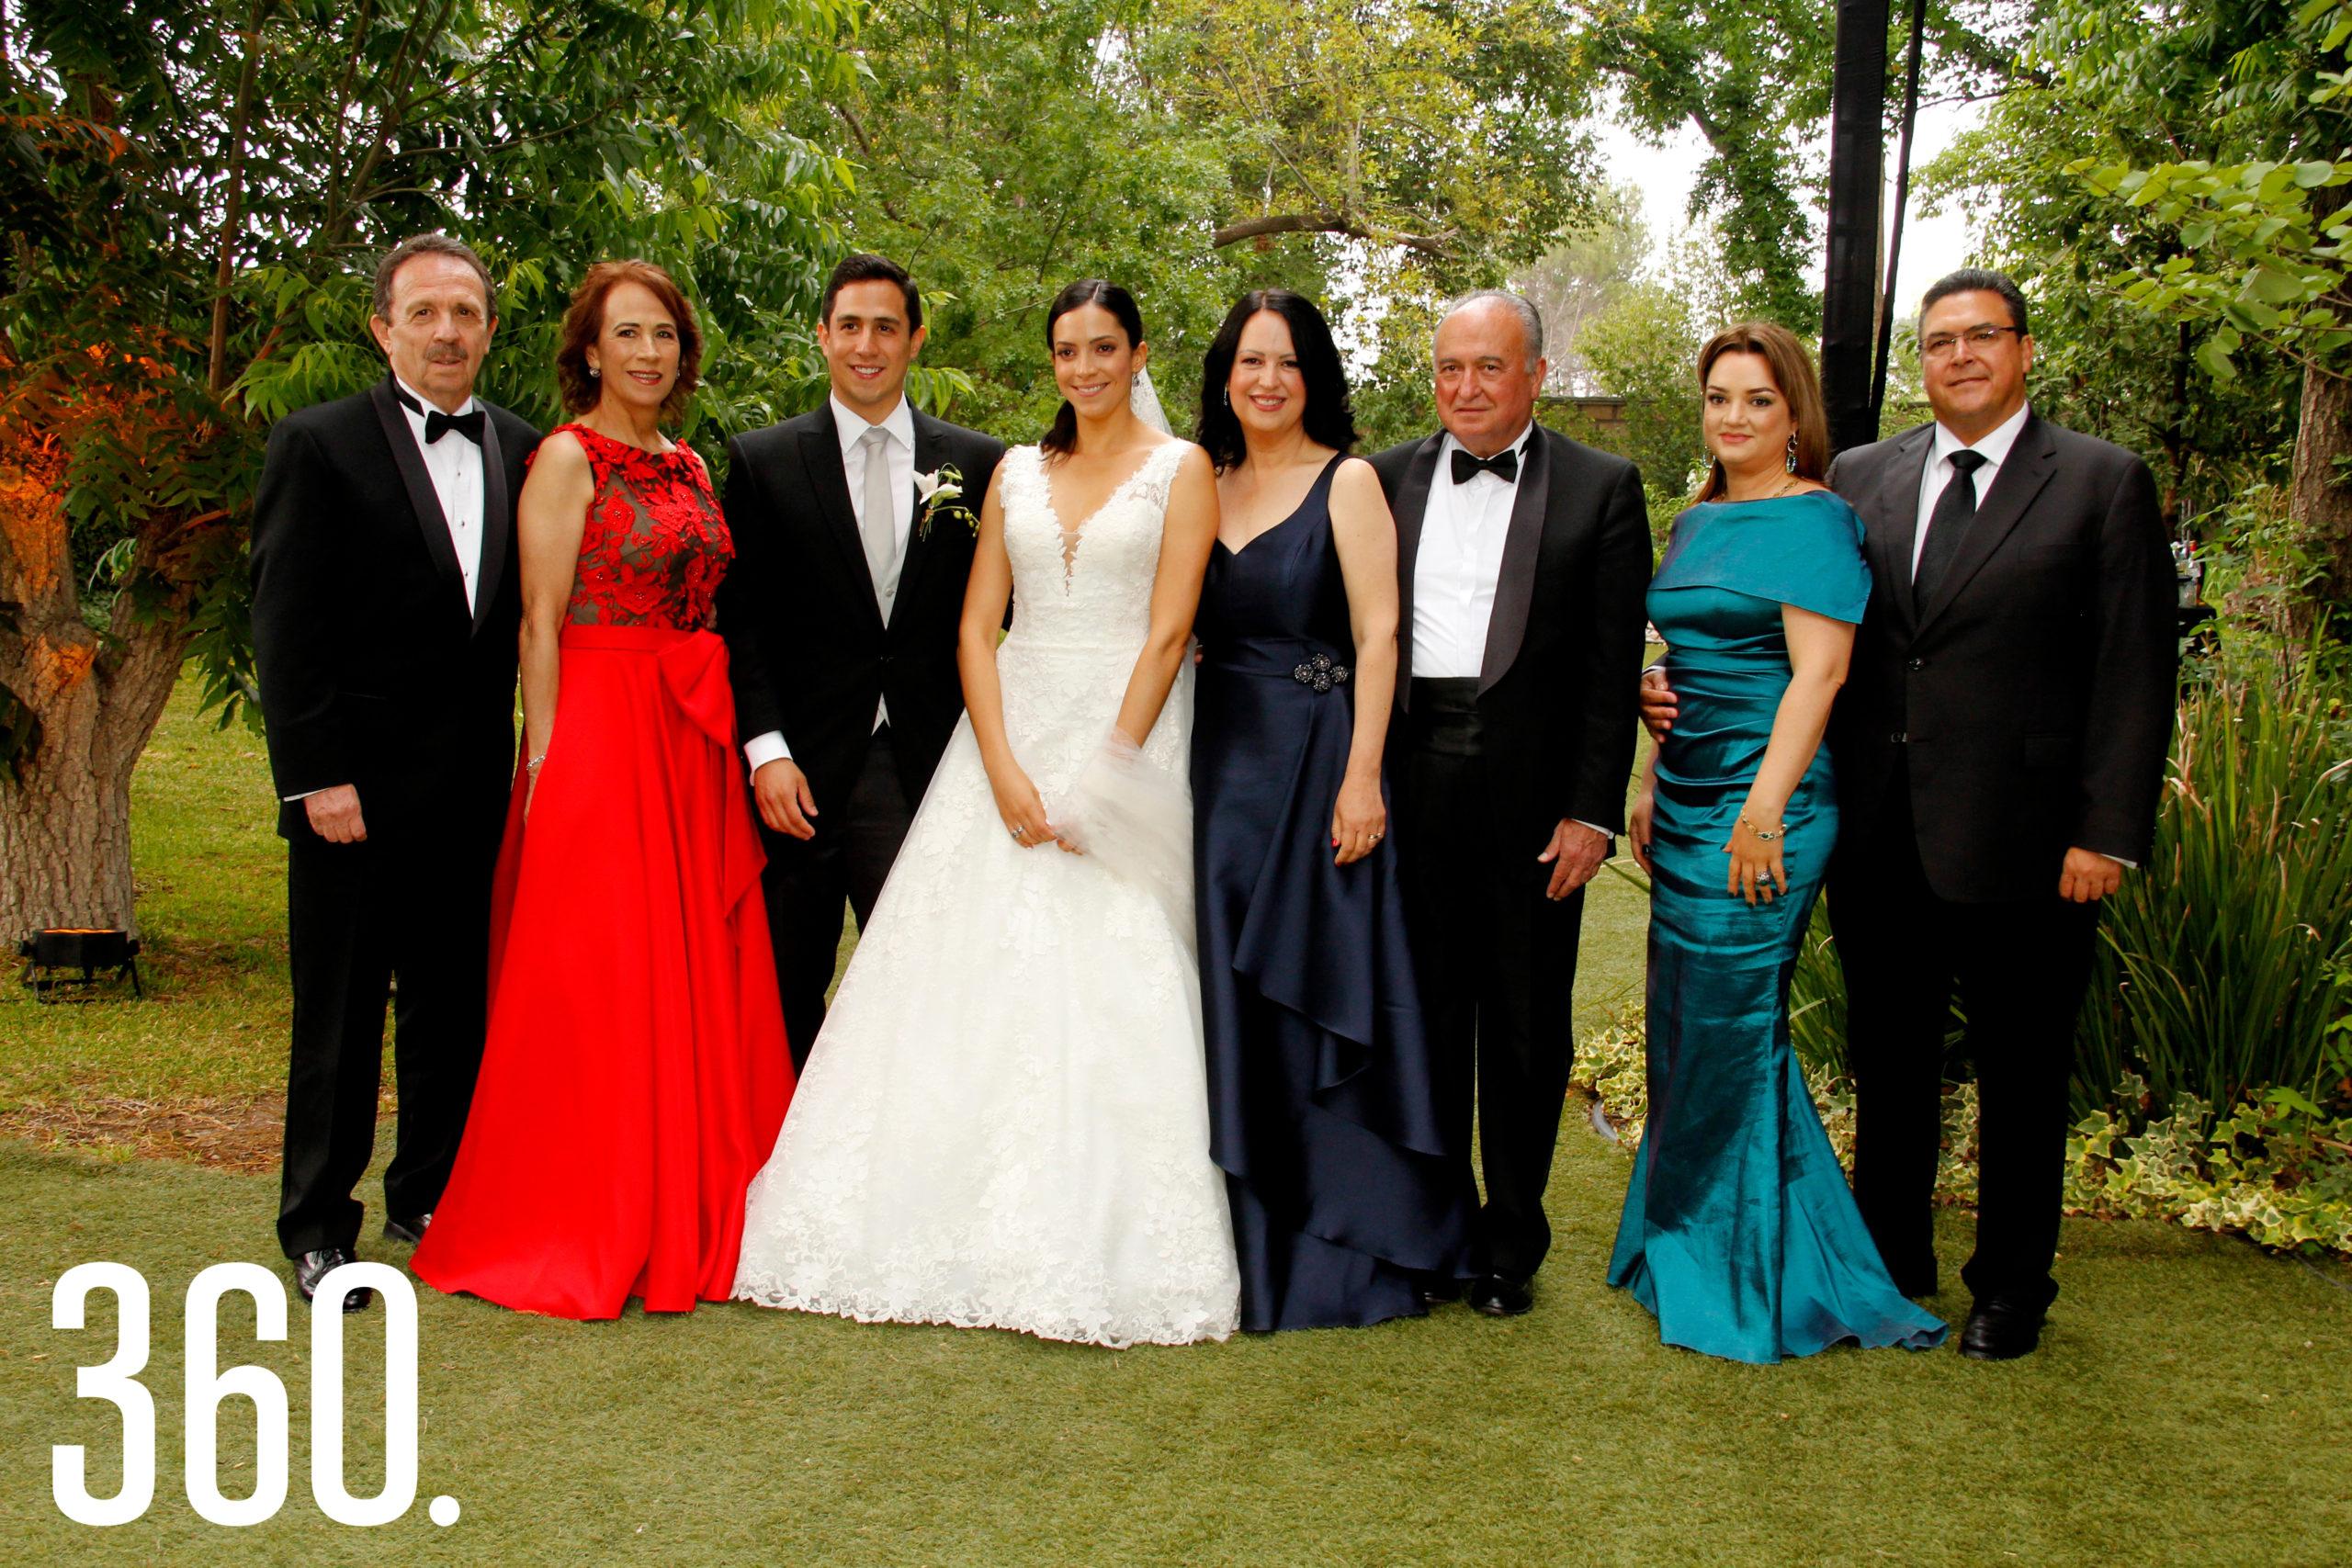 Josué Díaz Jiménez, Irma Inés Martínez, Juan Carlos Díaz, Ana Paula Torres Flores, Sofía Flores Mier, Abel Narro, Ariadna Aguilar y Felipe Torres López.